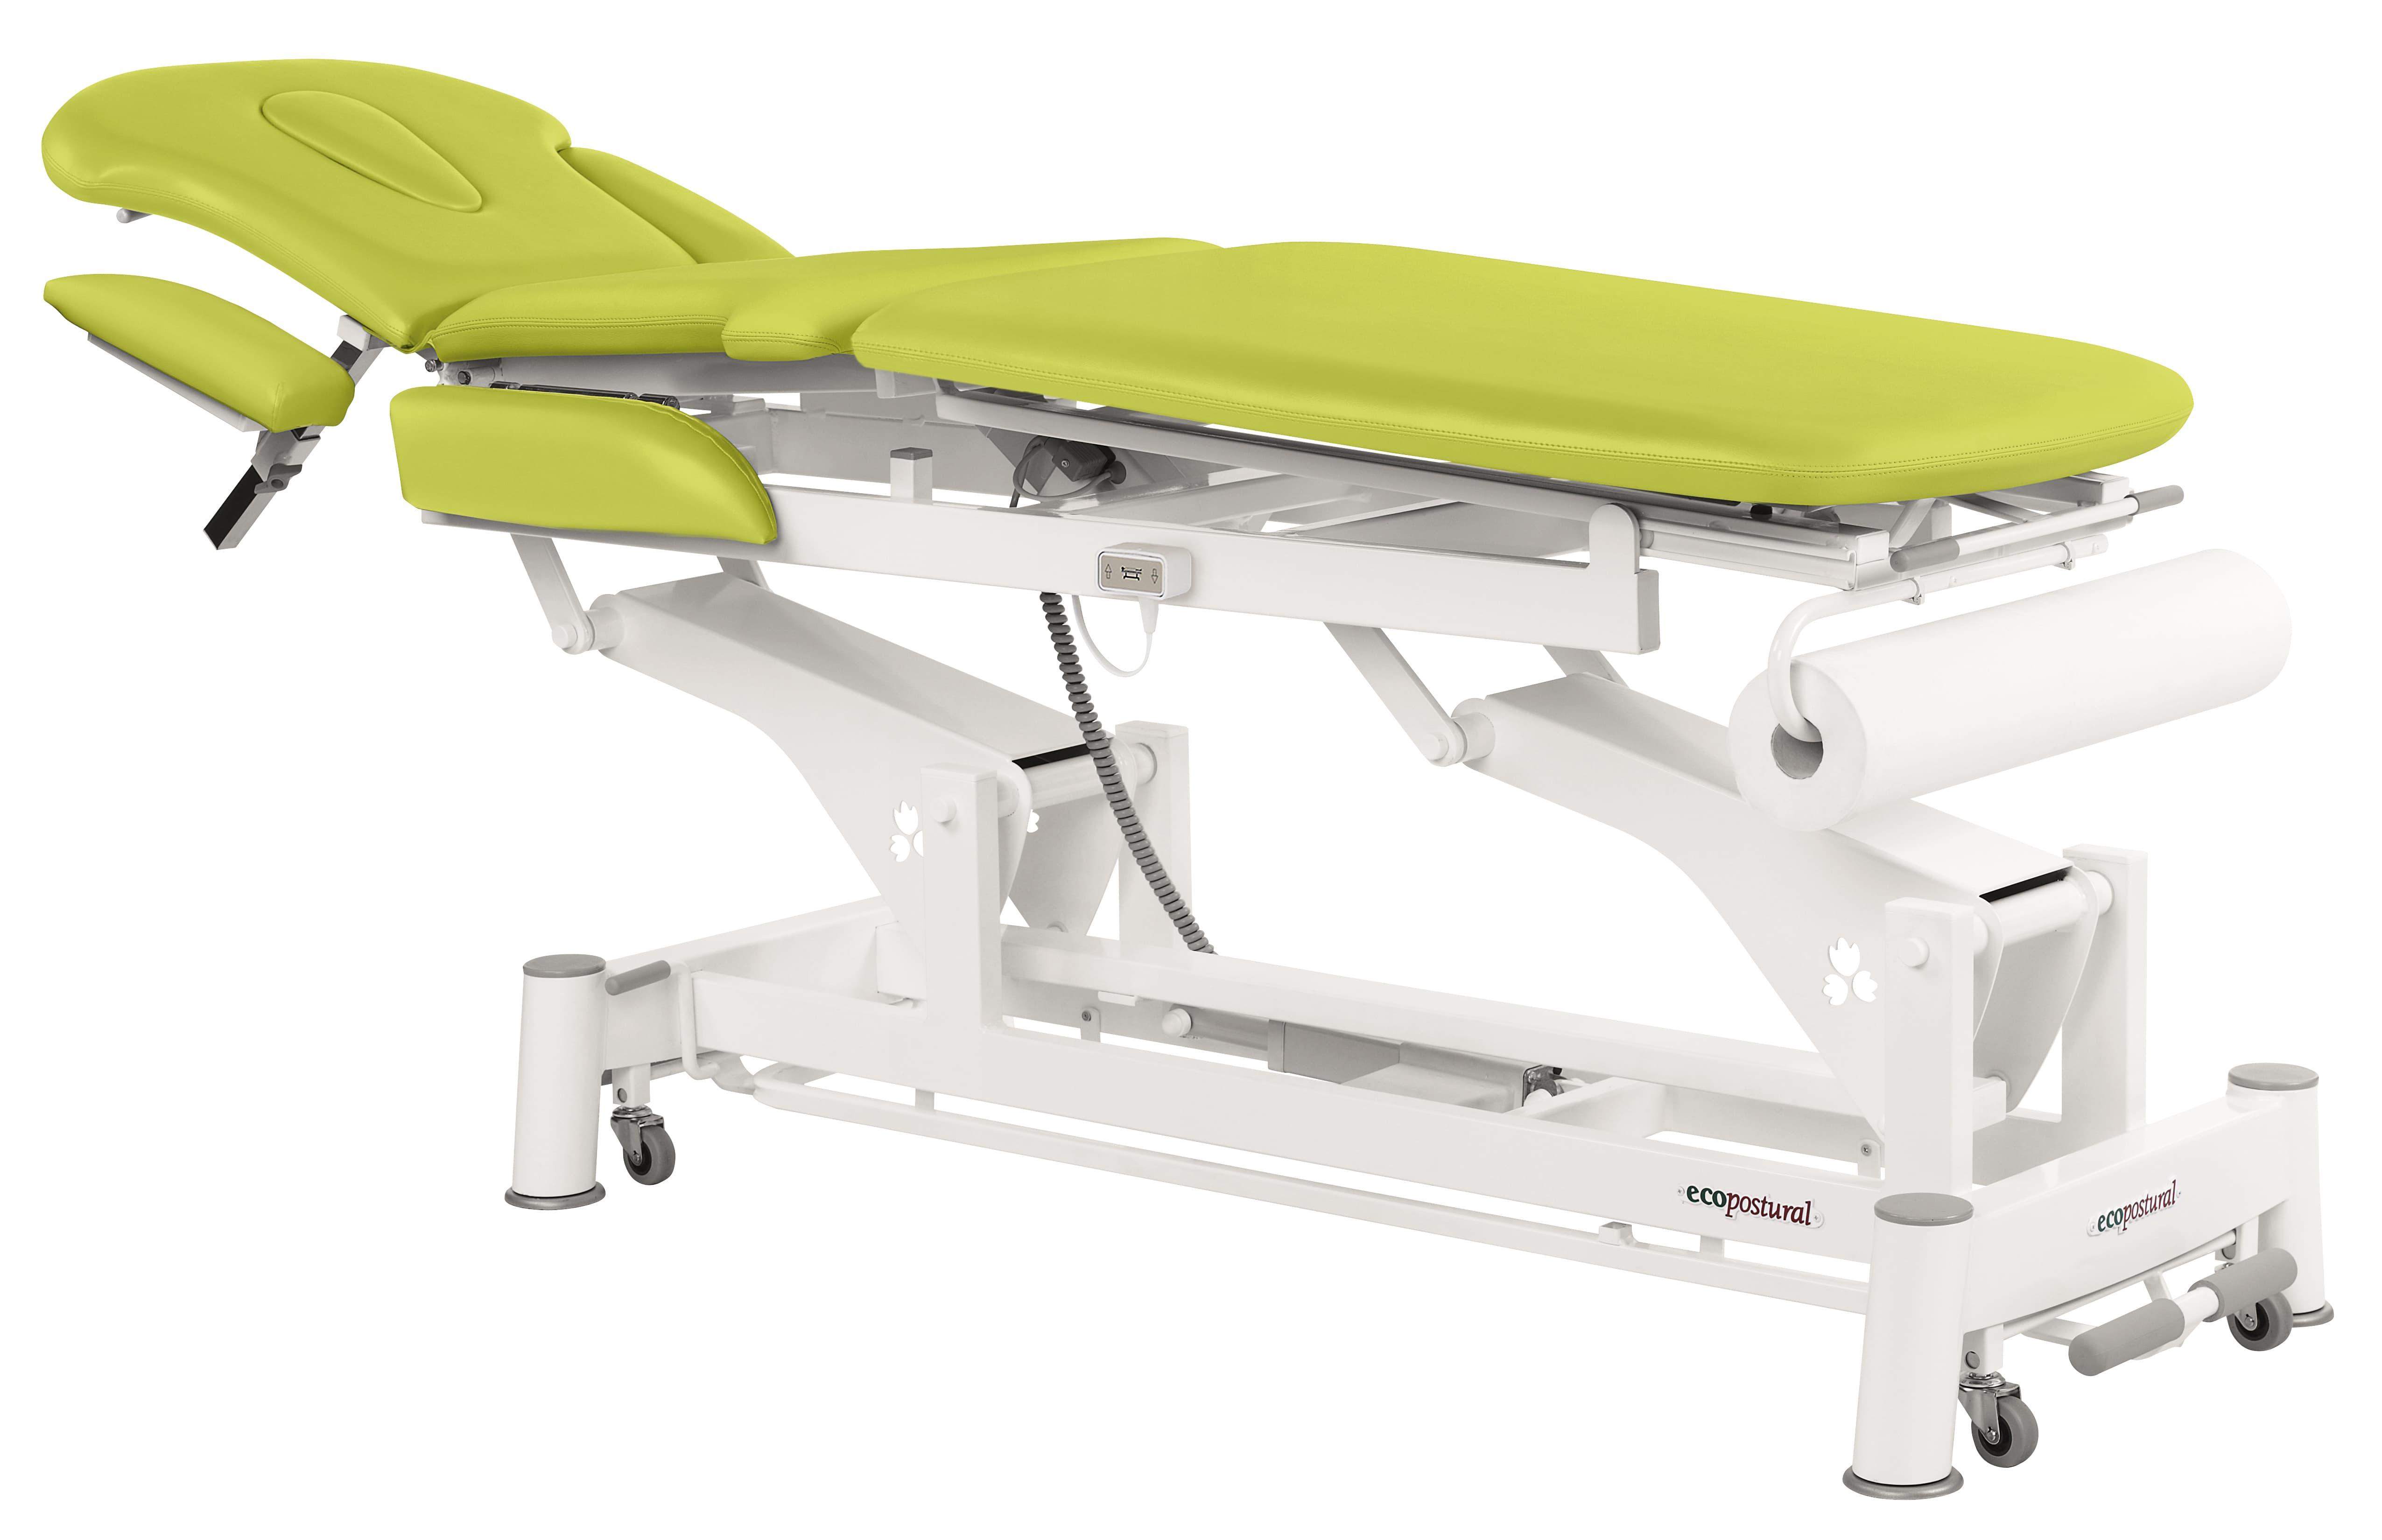 lit de massage electrique excellent table de massage lectrique drive with lit de massage. Black Bedroom Furniture Sets. Home Design Ideas